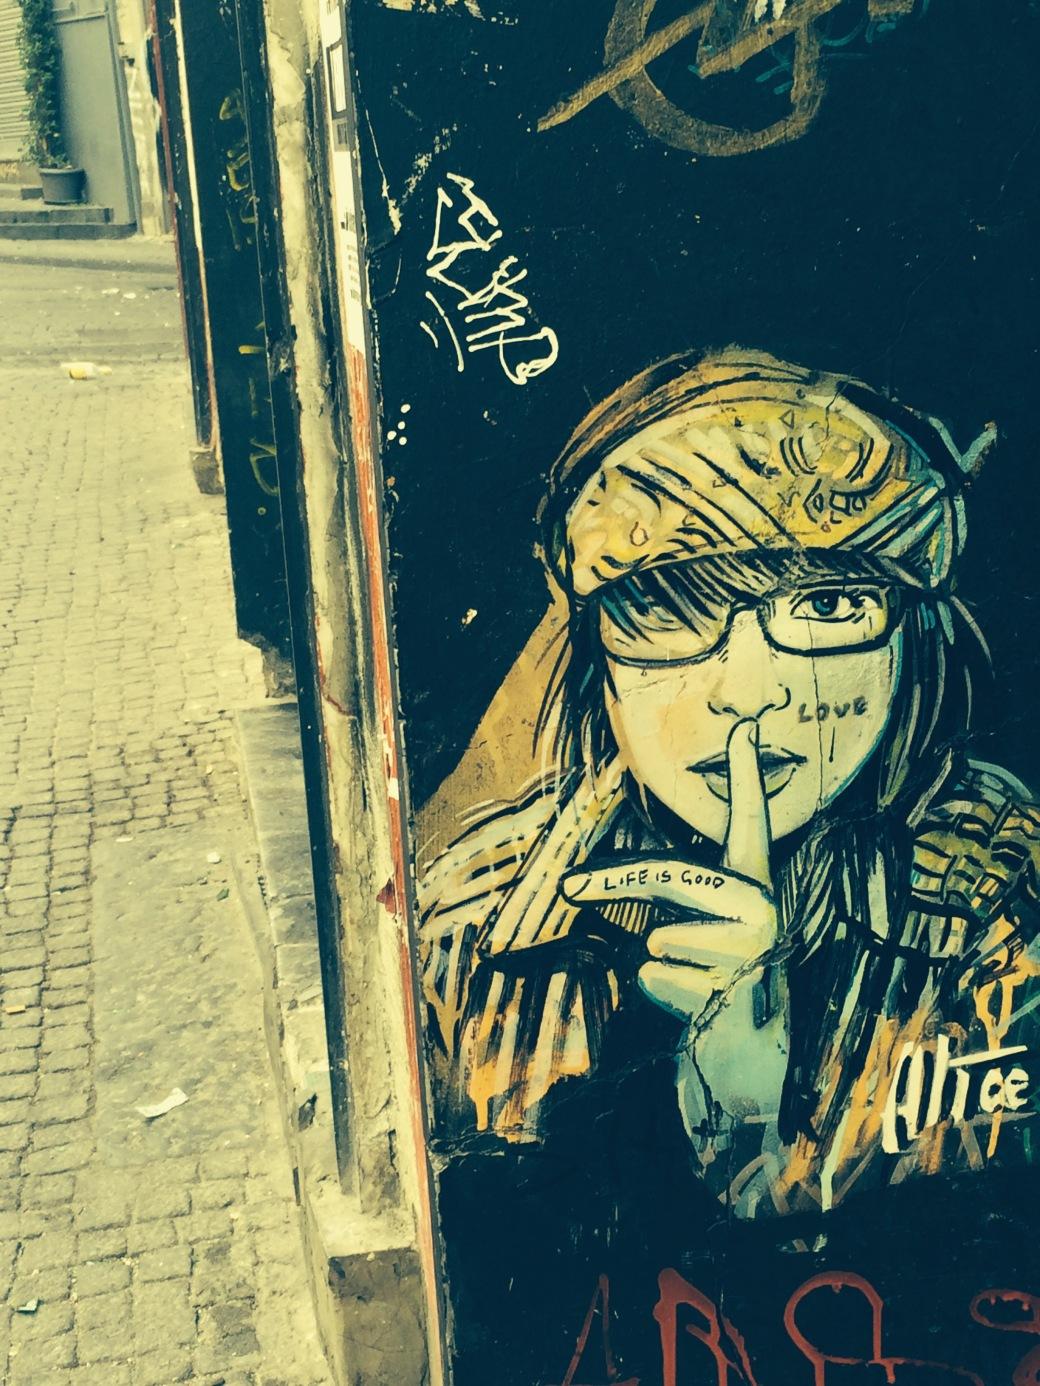 Lifeisgoodgraffiti